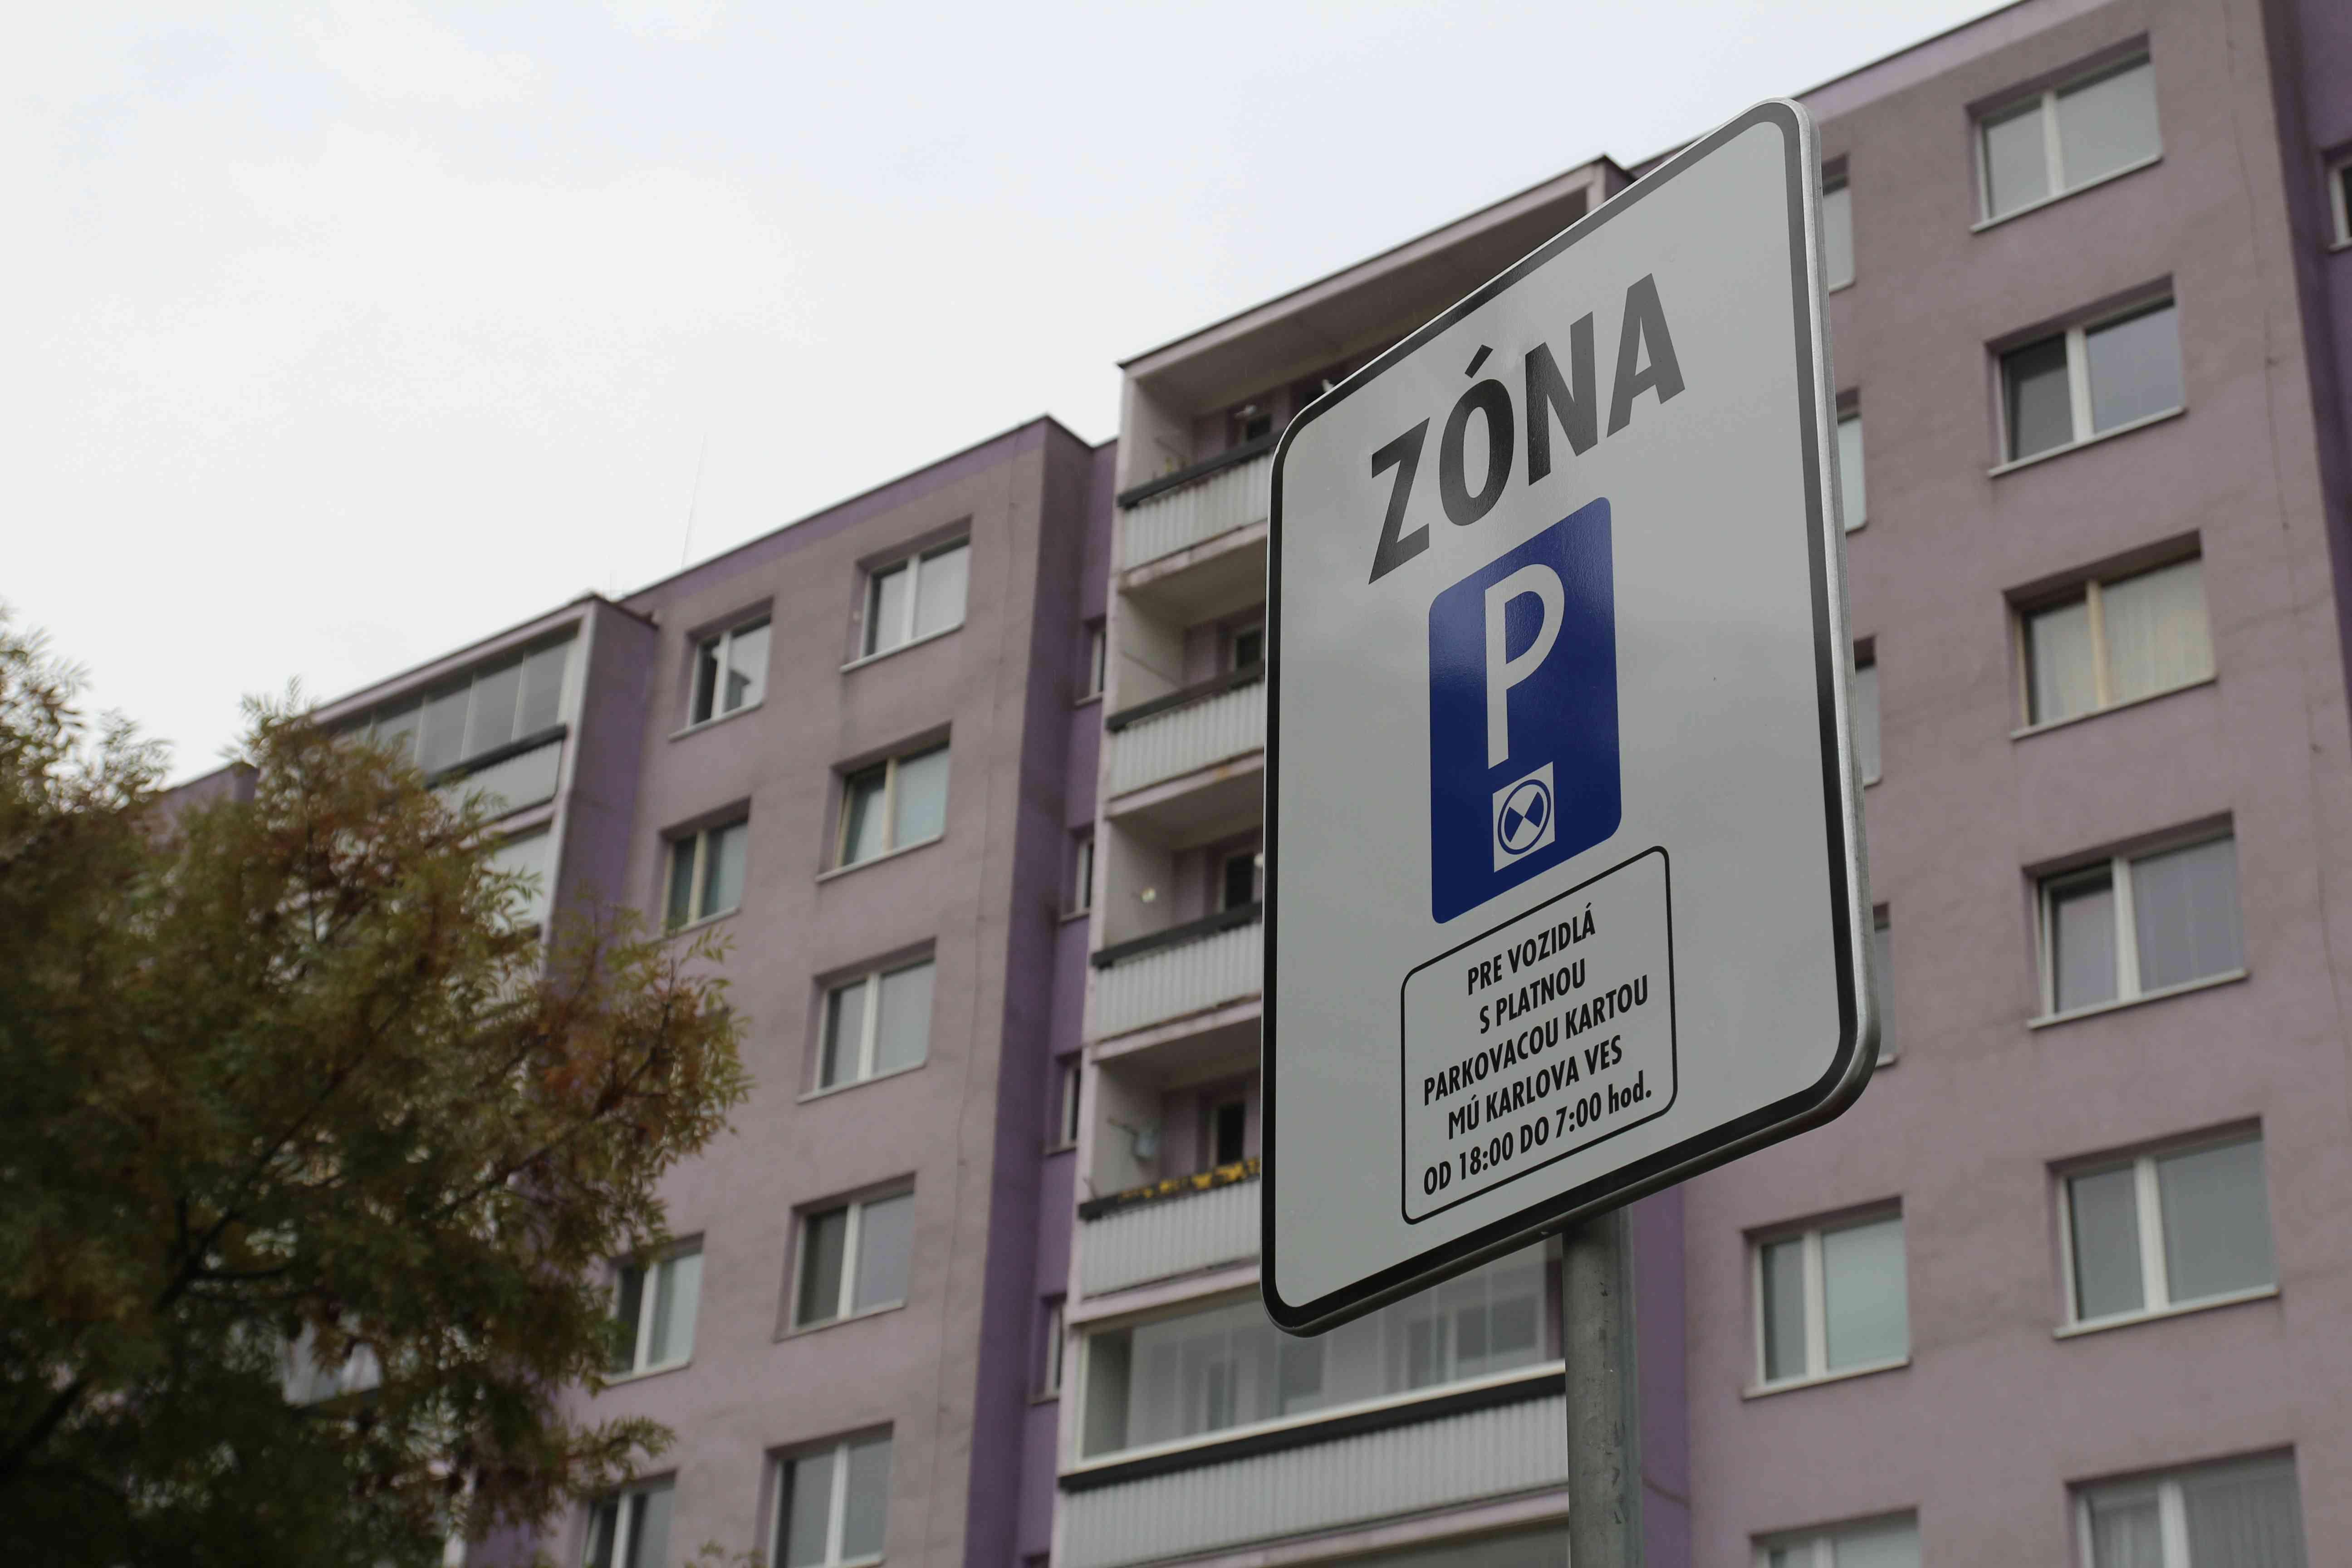 Drvivá väčšina domácností v pilotnej zóne parkovania má jedno auto